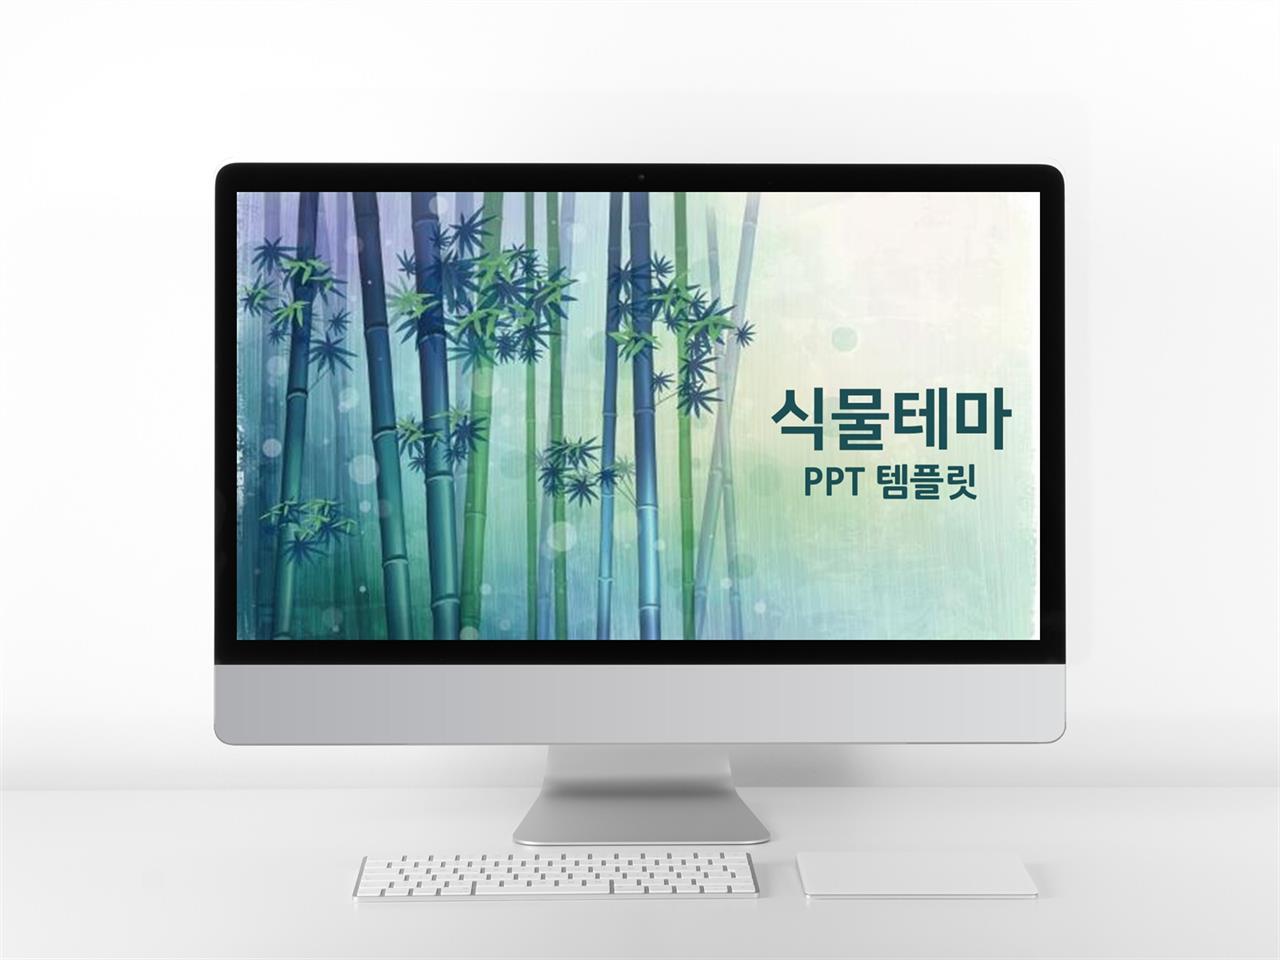 화초주제 풀색 수채화 프로급 POWERPOINT서식 사이트 미리보기